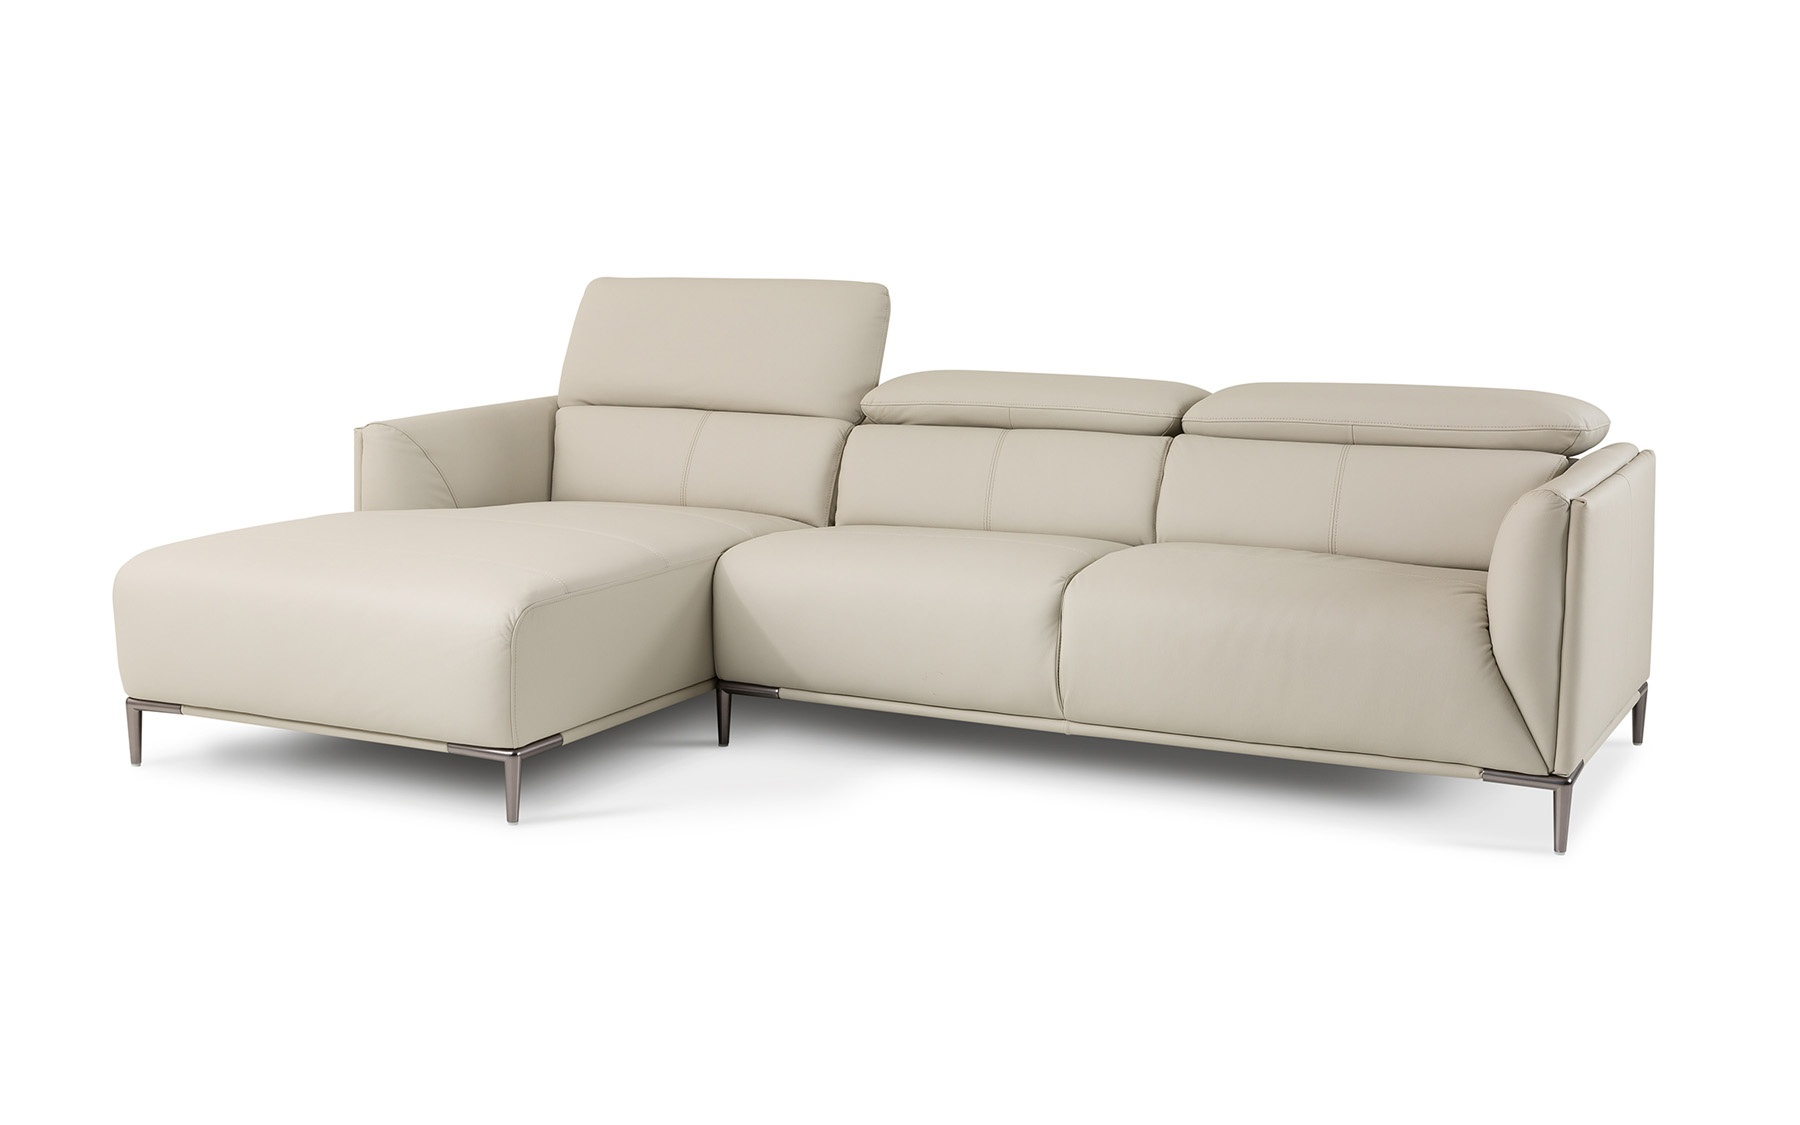 canap composable cuir c929 composables salons la. Black Bedroom Furniture Sets. Home Design Ideas